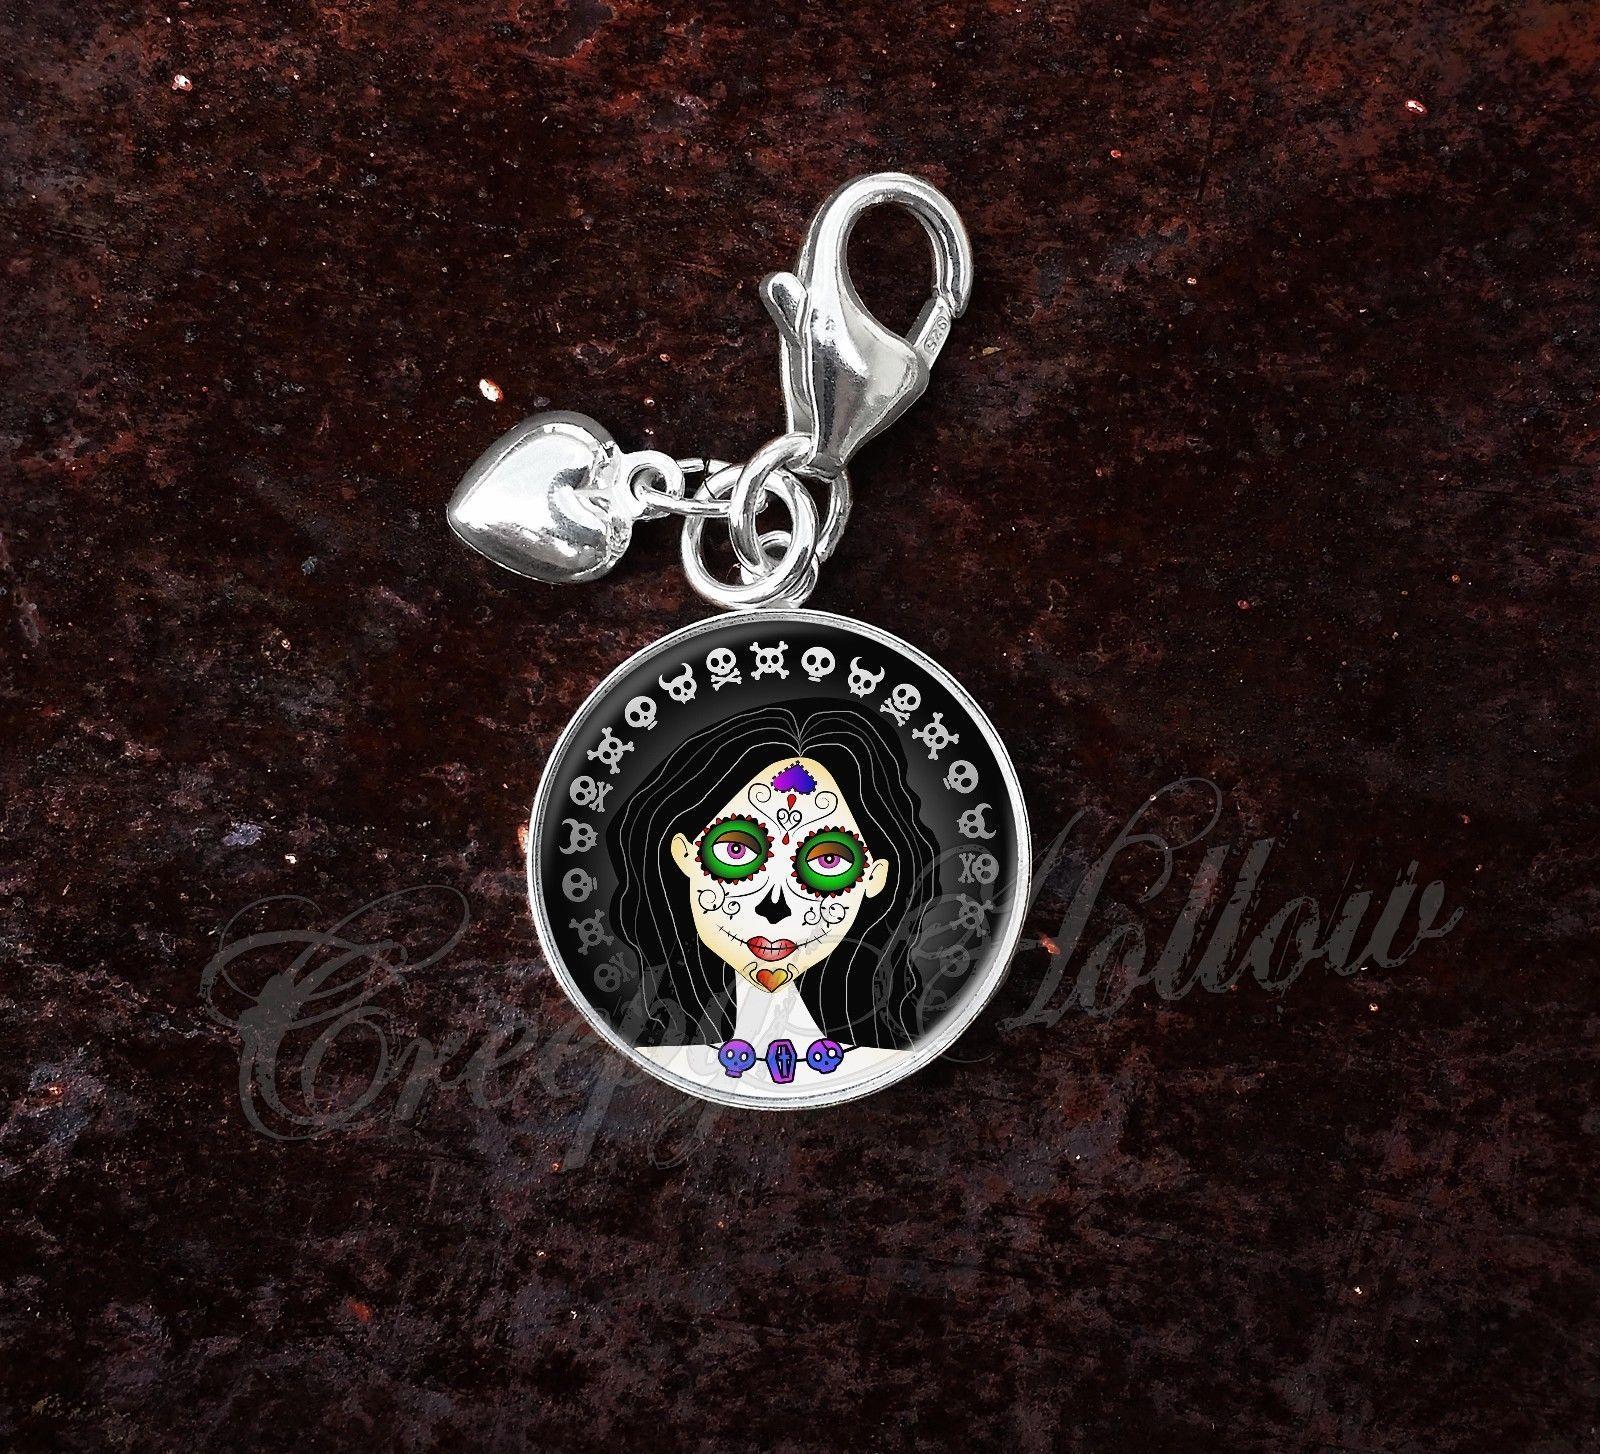 Sterling Silver Charm Sugar Skull Girl Dia De Los Muertos image 5